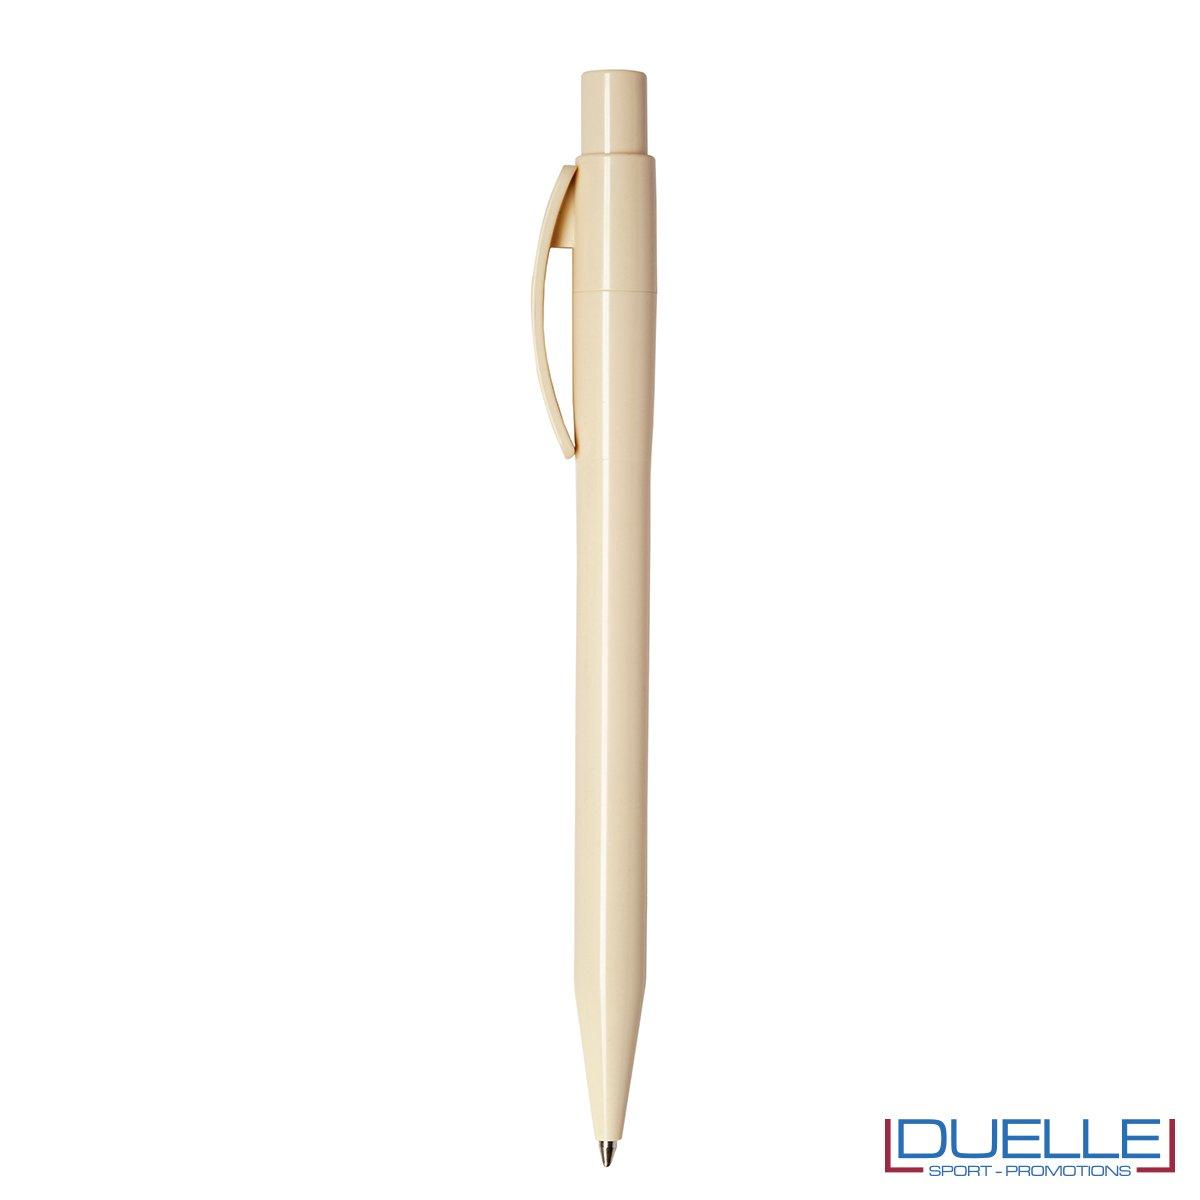 Penna Made in Italy personalizzata fusto panna, gadget aziendali, penne personalizzate, gadget personalizzati, articoli promozionali